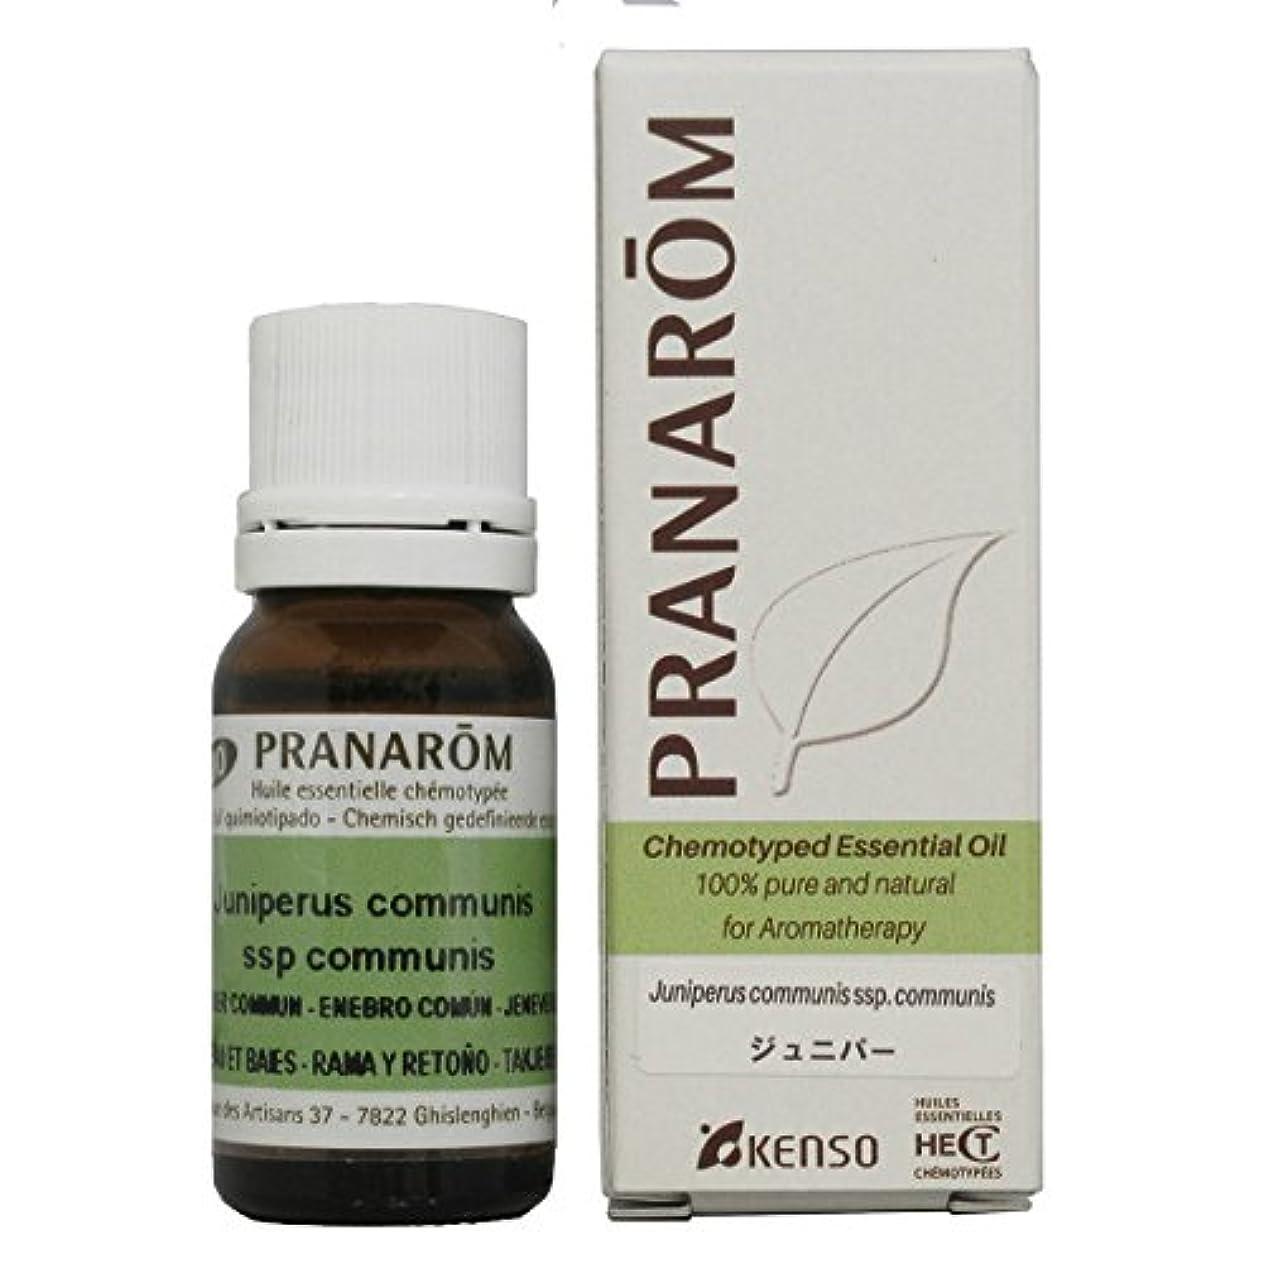 注釈宇宙船嫌がらせプラナロム ジュニパー(葉枝) 10ml (PRANAROM ケモタイプ精油)